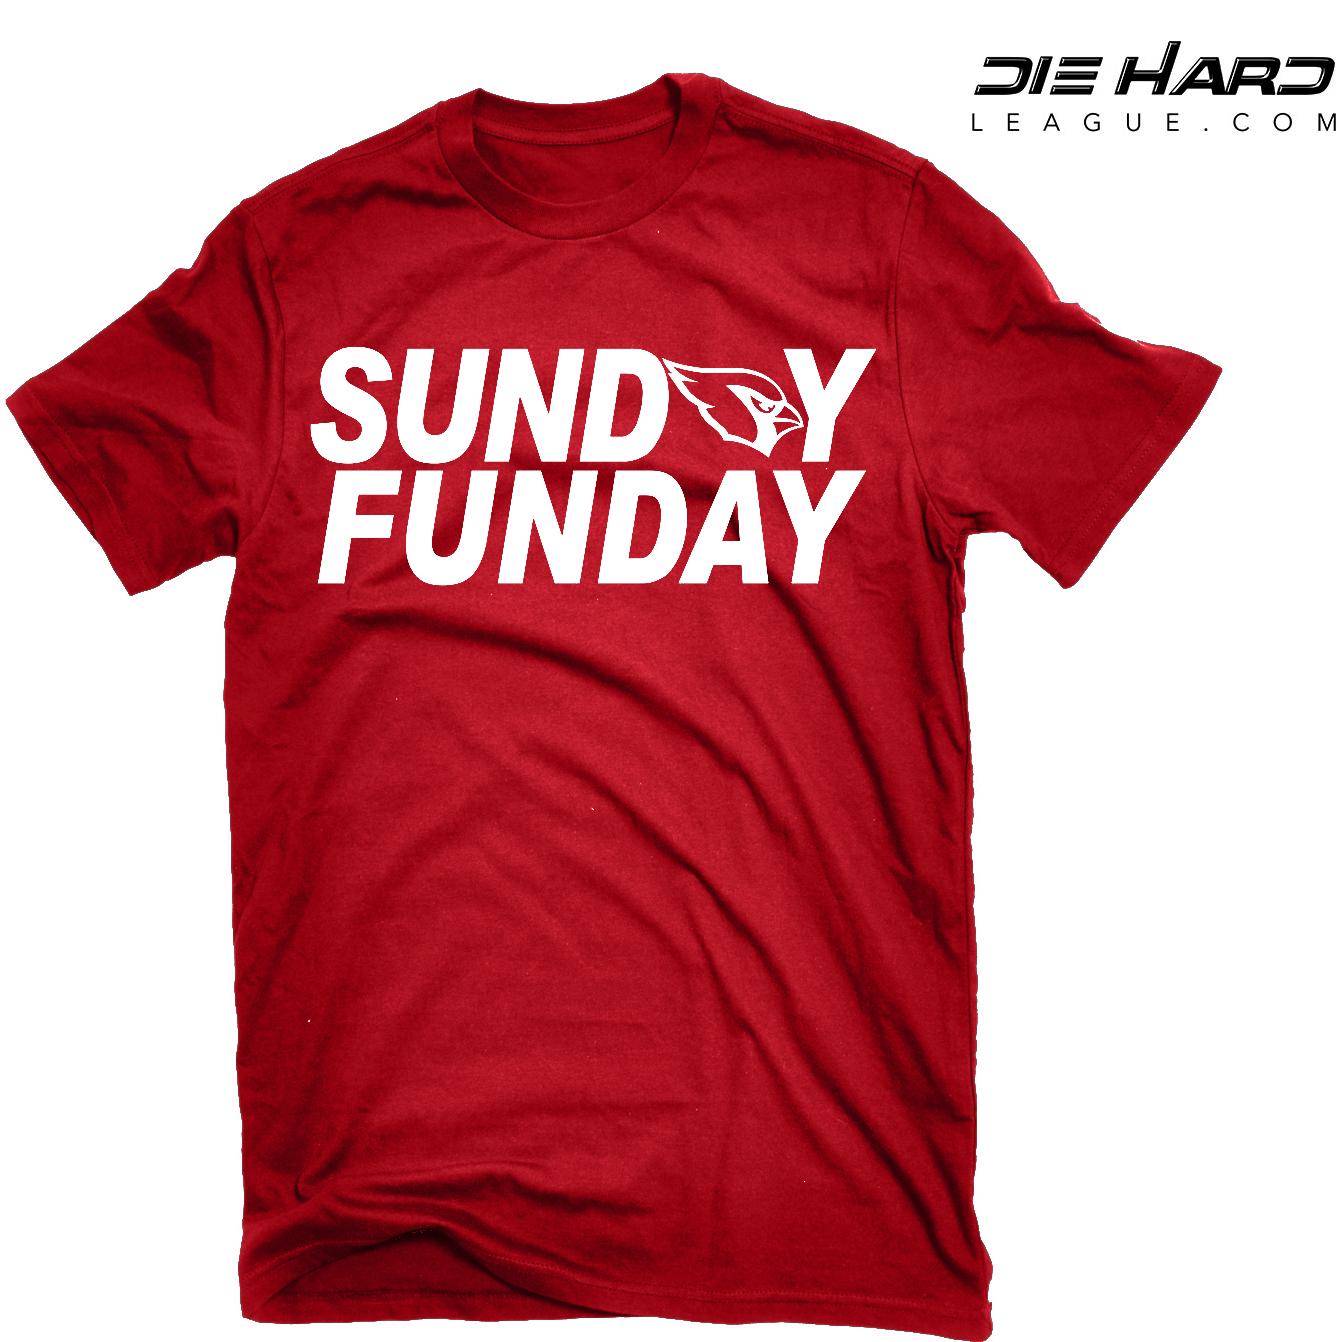 9dfd07c97e36 Arizona Cardinals T Shirt - Sunday Funday Red Tee